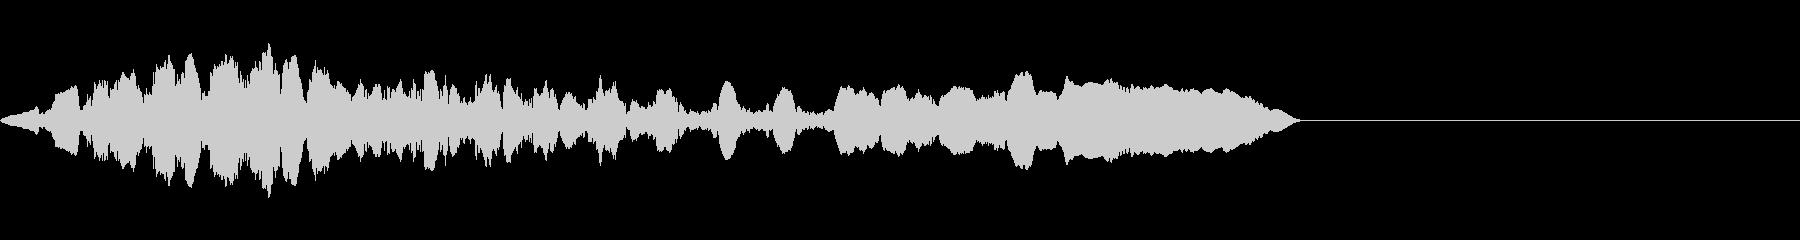 スライドホイッスル、ワーブル、降順。の未再生の波形